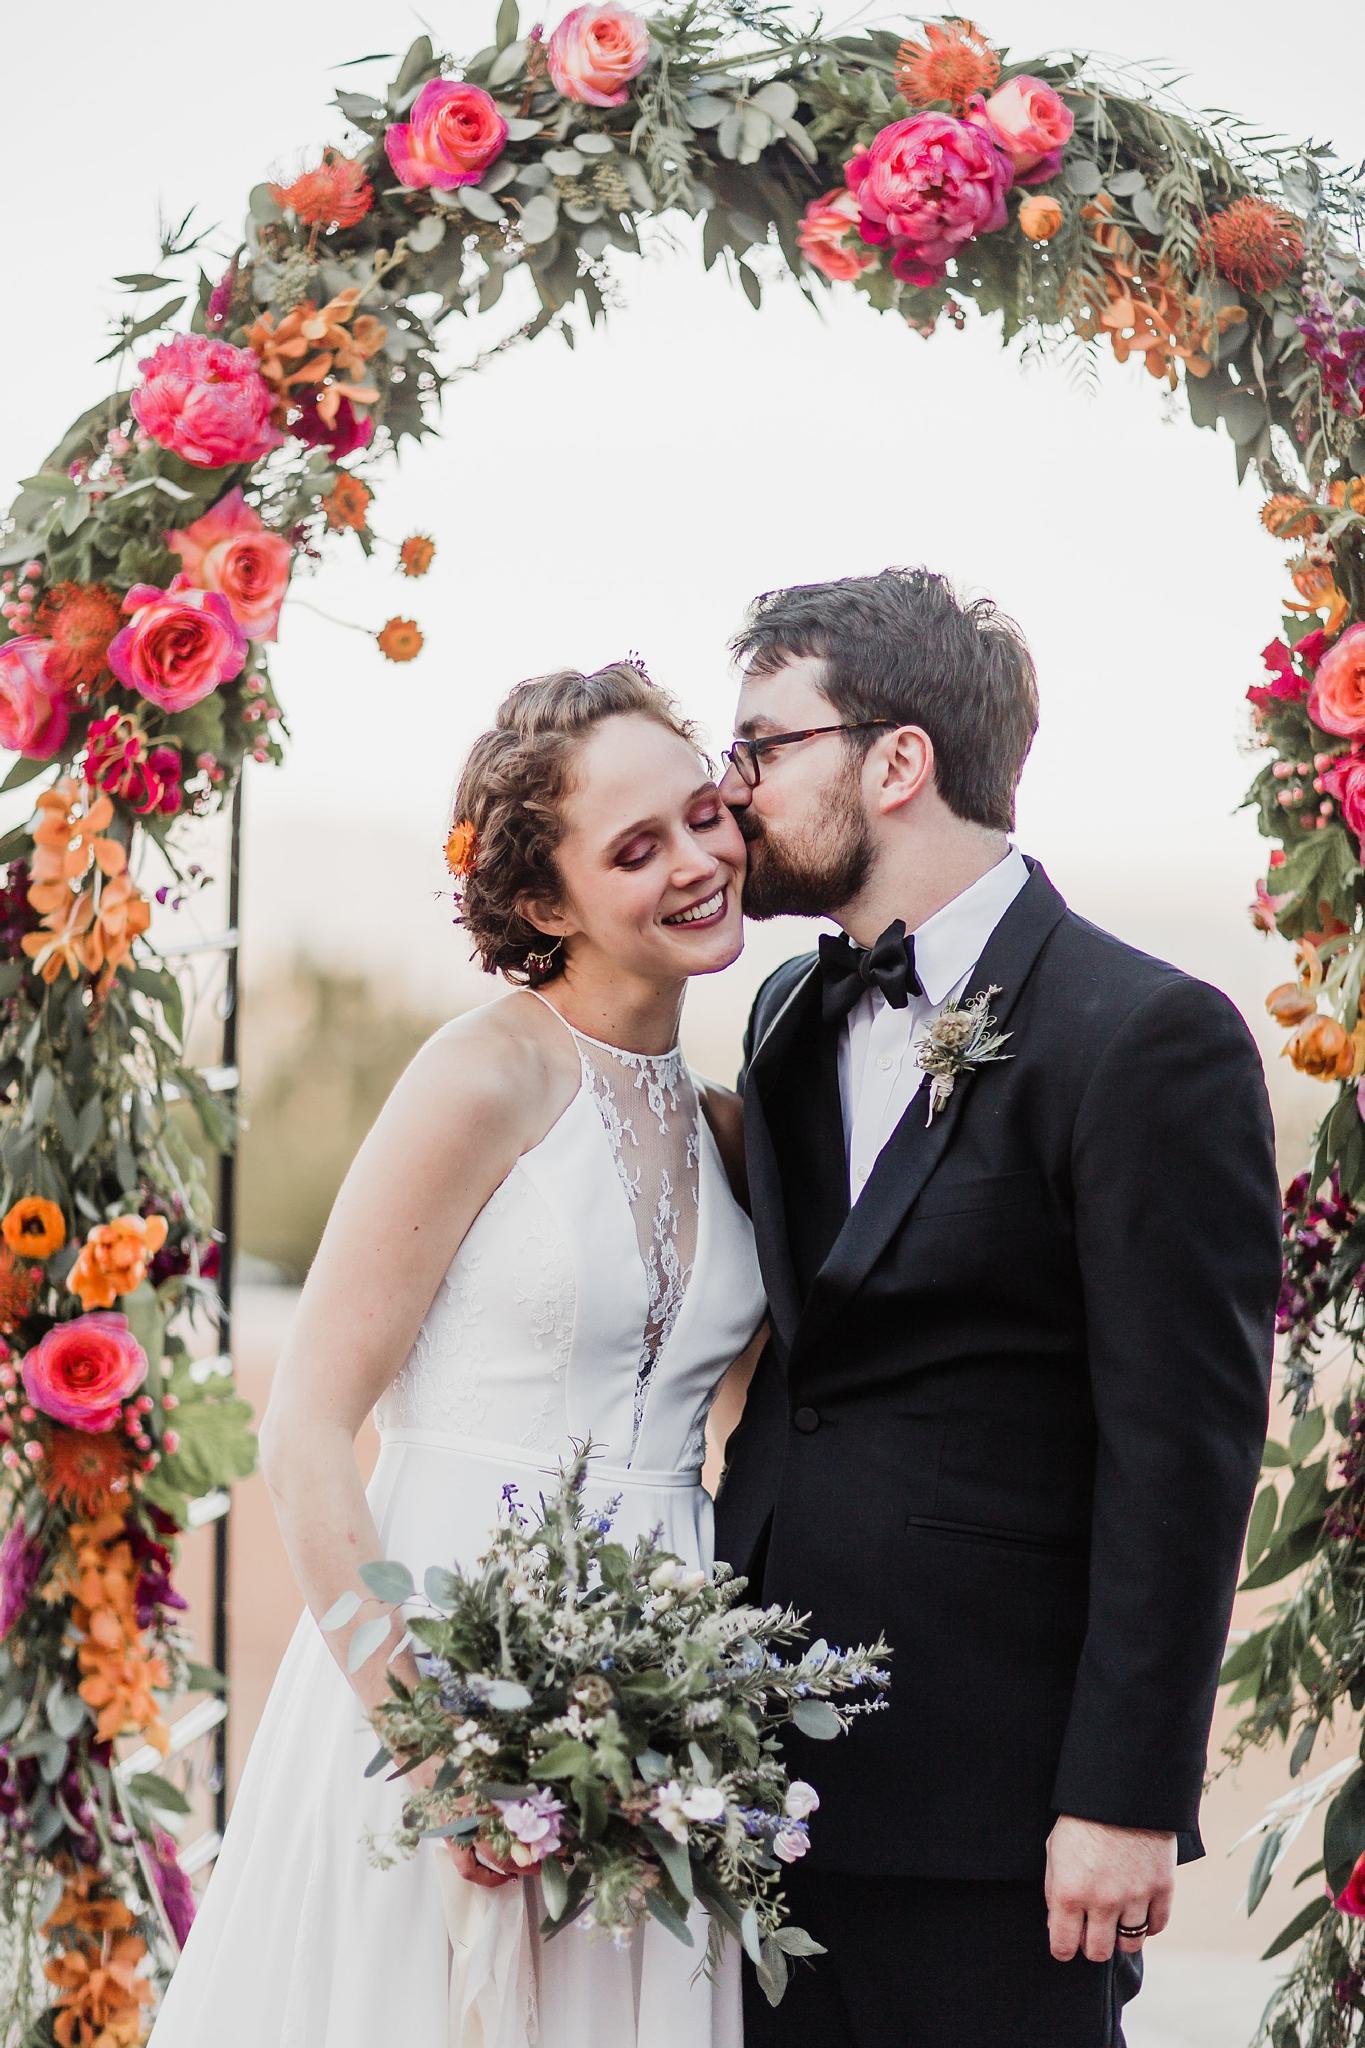 Alicia+lucia+photography+-+albuquerque+wedding+photographer+-+santa+fe+wedding+photography+-+new+mexico+wedding+photographer+-+new+mexico+wedding+-+wedding+vows+-+writing+your+own+vows+-+wedding+inspo_0027.jpg